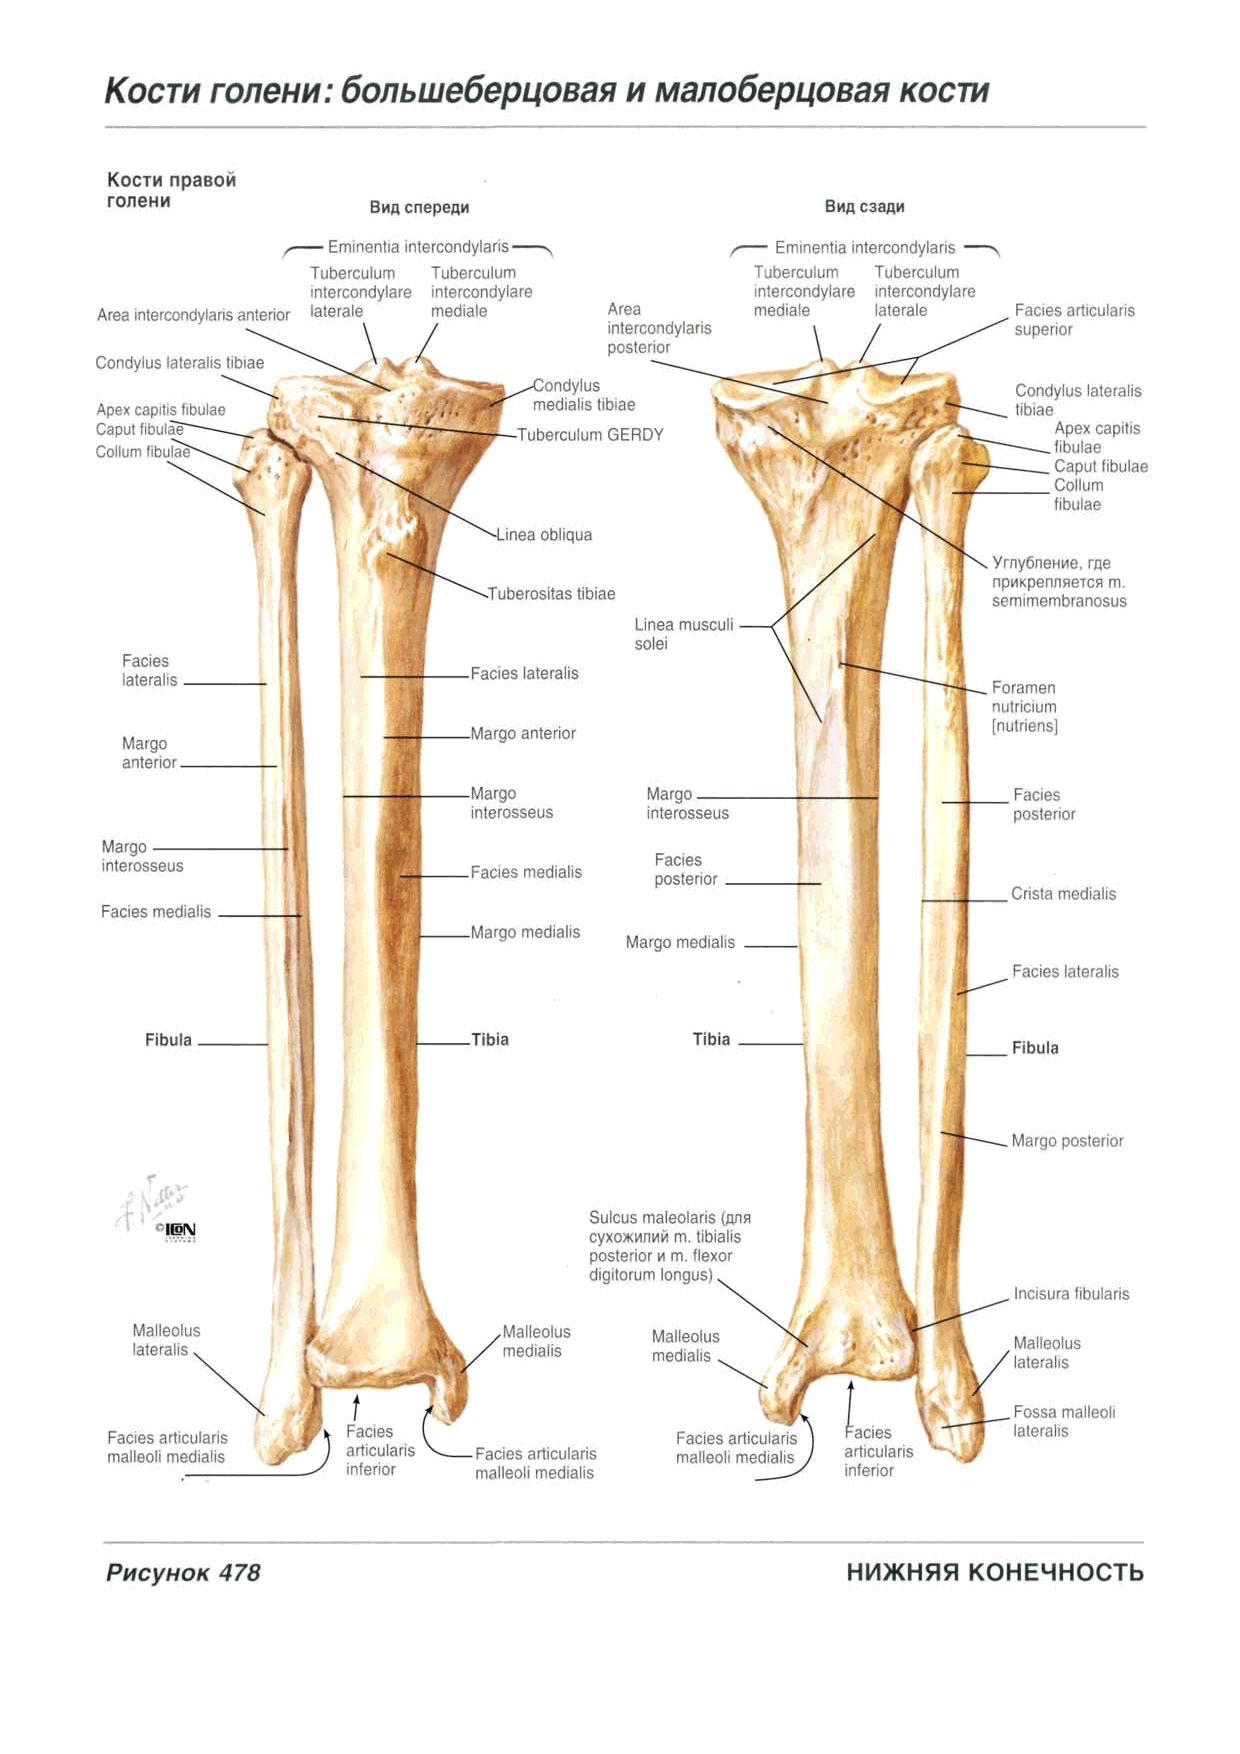 Wunderbar Anatomie Menschlichen Körperbild Ideen - Anatomie Ideen ...